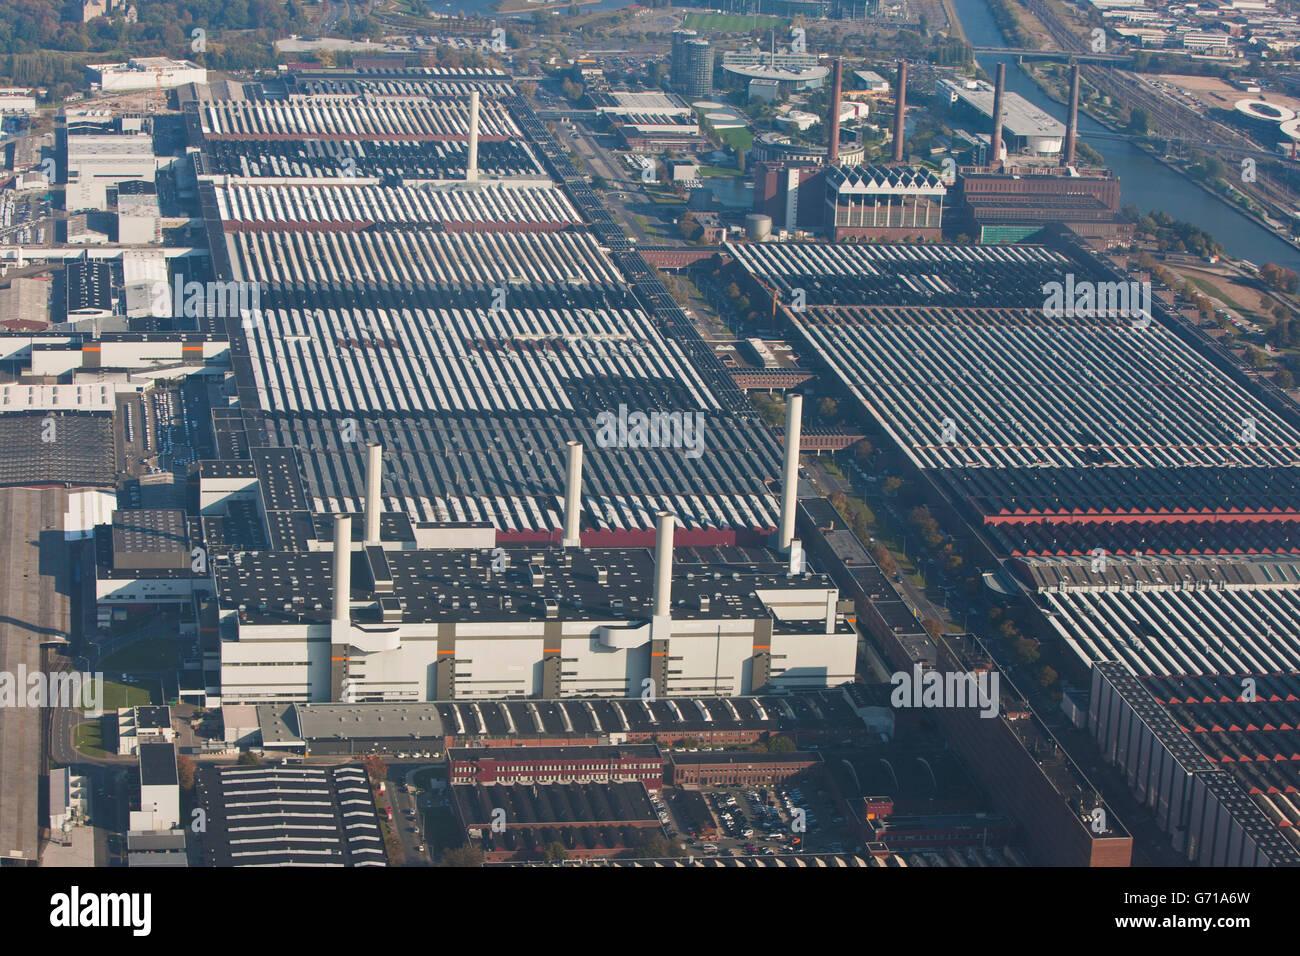 Volkswagen Factory In Wolfsburg Stock Photos & Volkswagen Factory In Wolfsburg Stock Images - Alamy